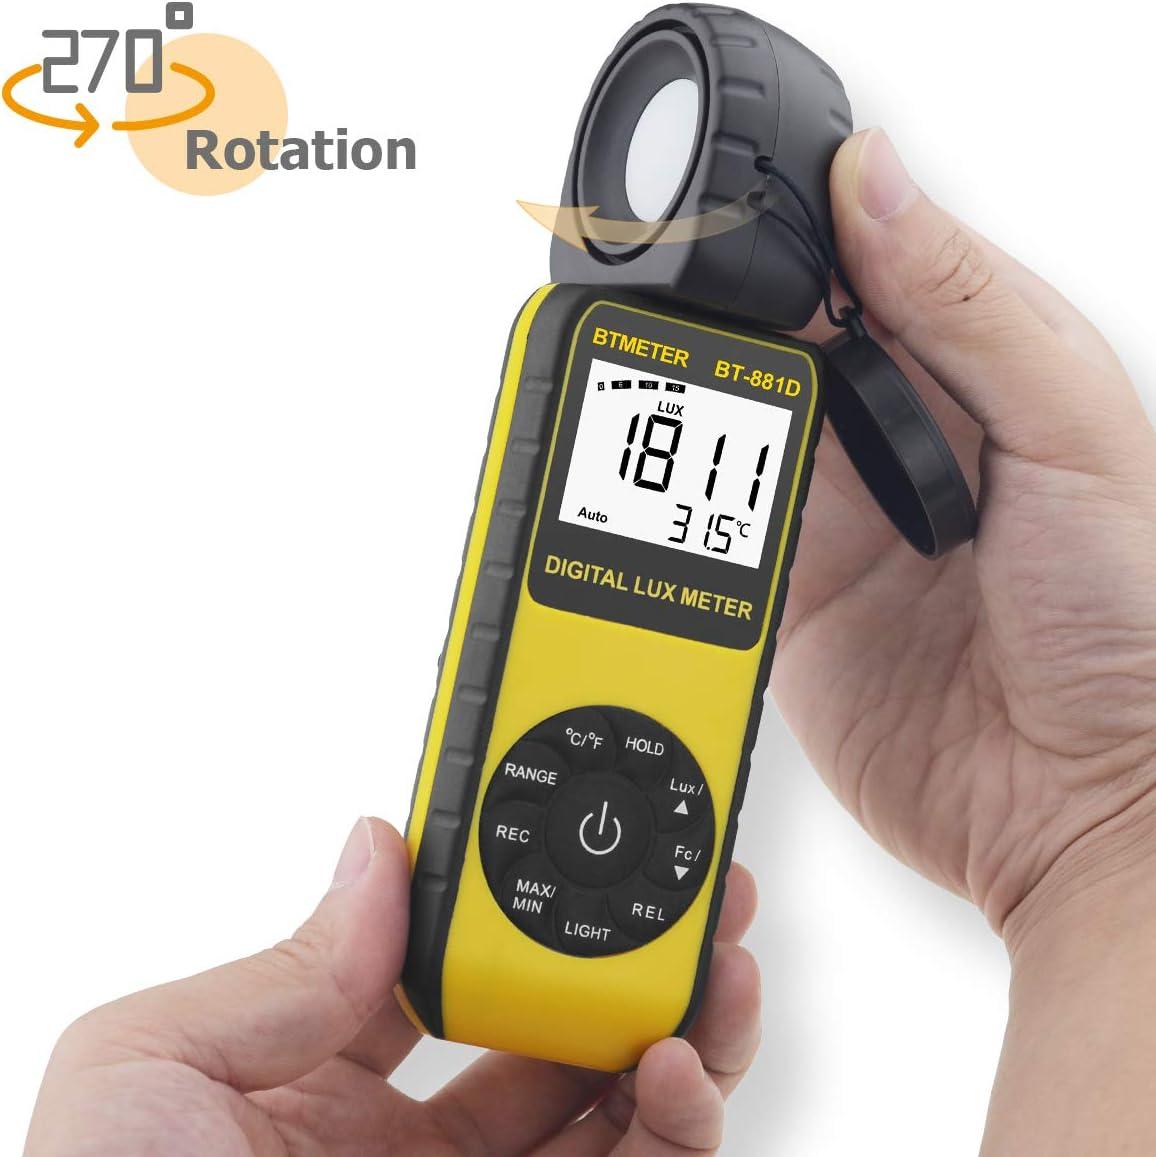 con Pantalla de Temperatura Ambiente y Detector Rotativo de 270 /° para Luz LED y Plantas de Cultivo Lux/ómetro Digital INFURIDER YF-881D Lux/ómetro Termometro Digital 0.1-400000 Lux